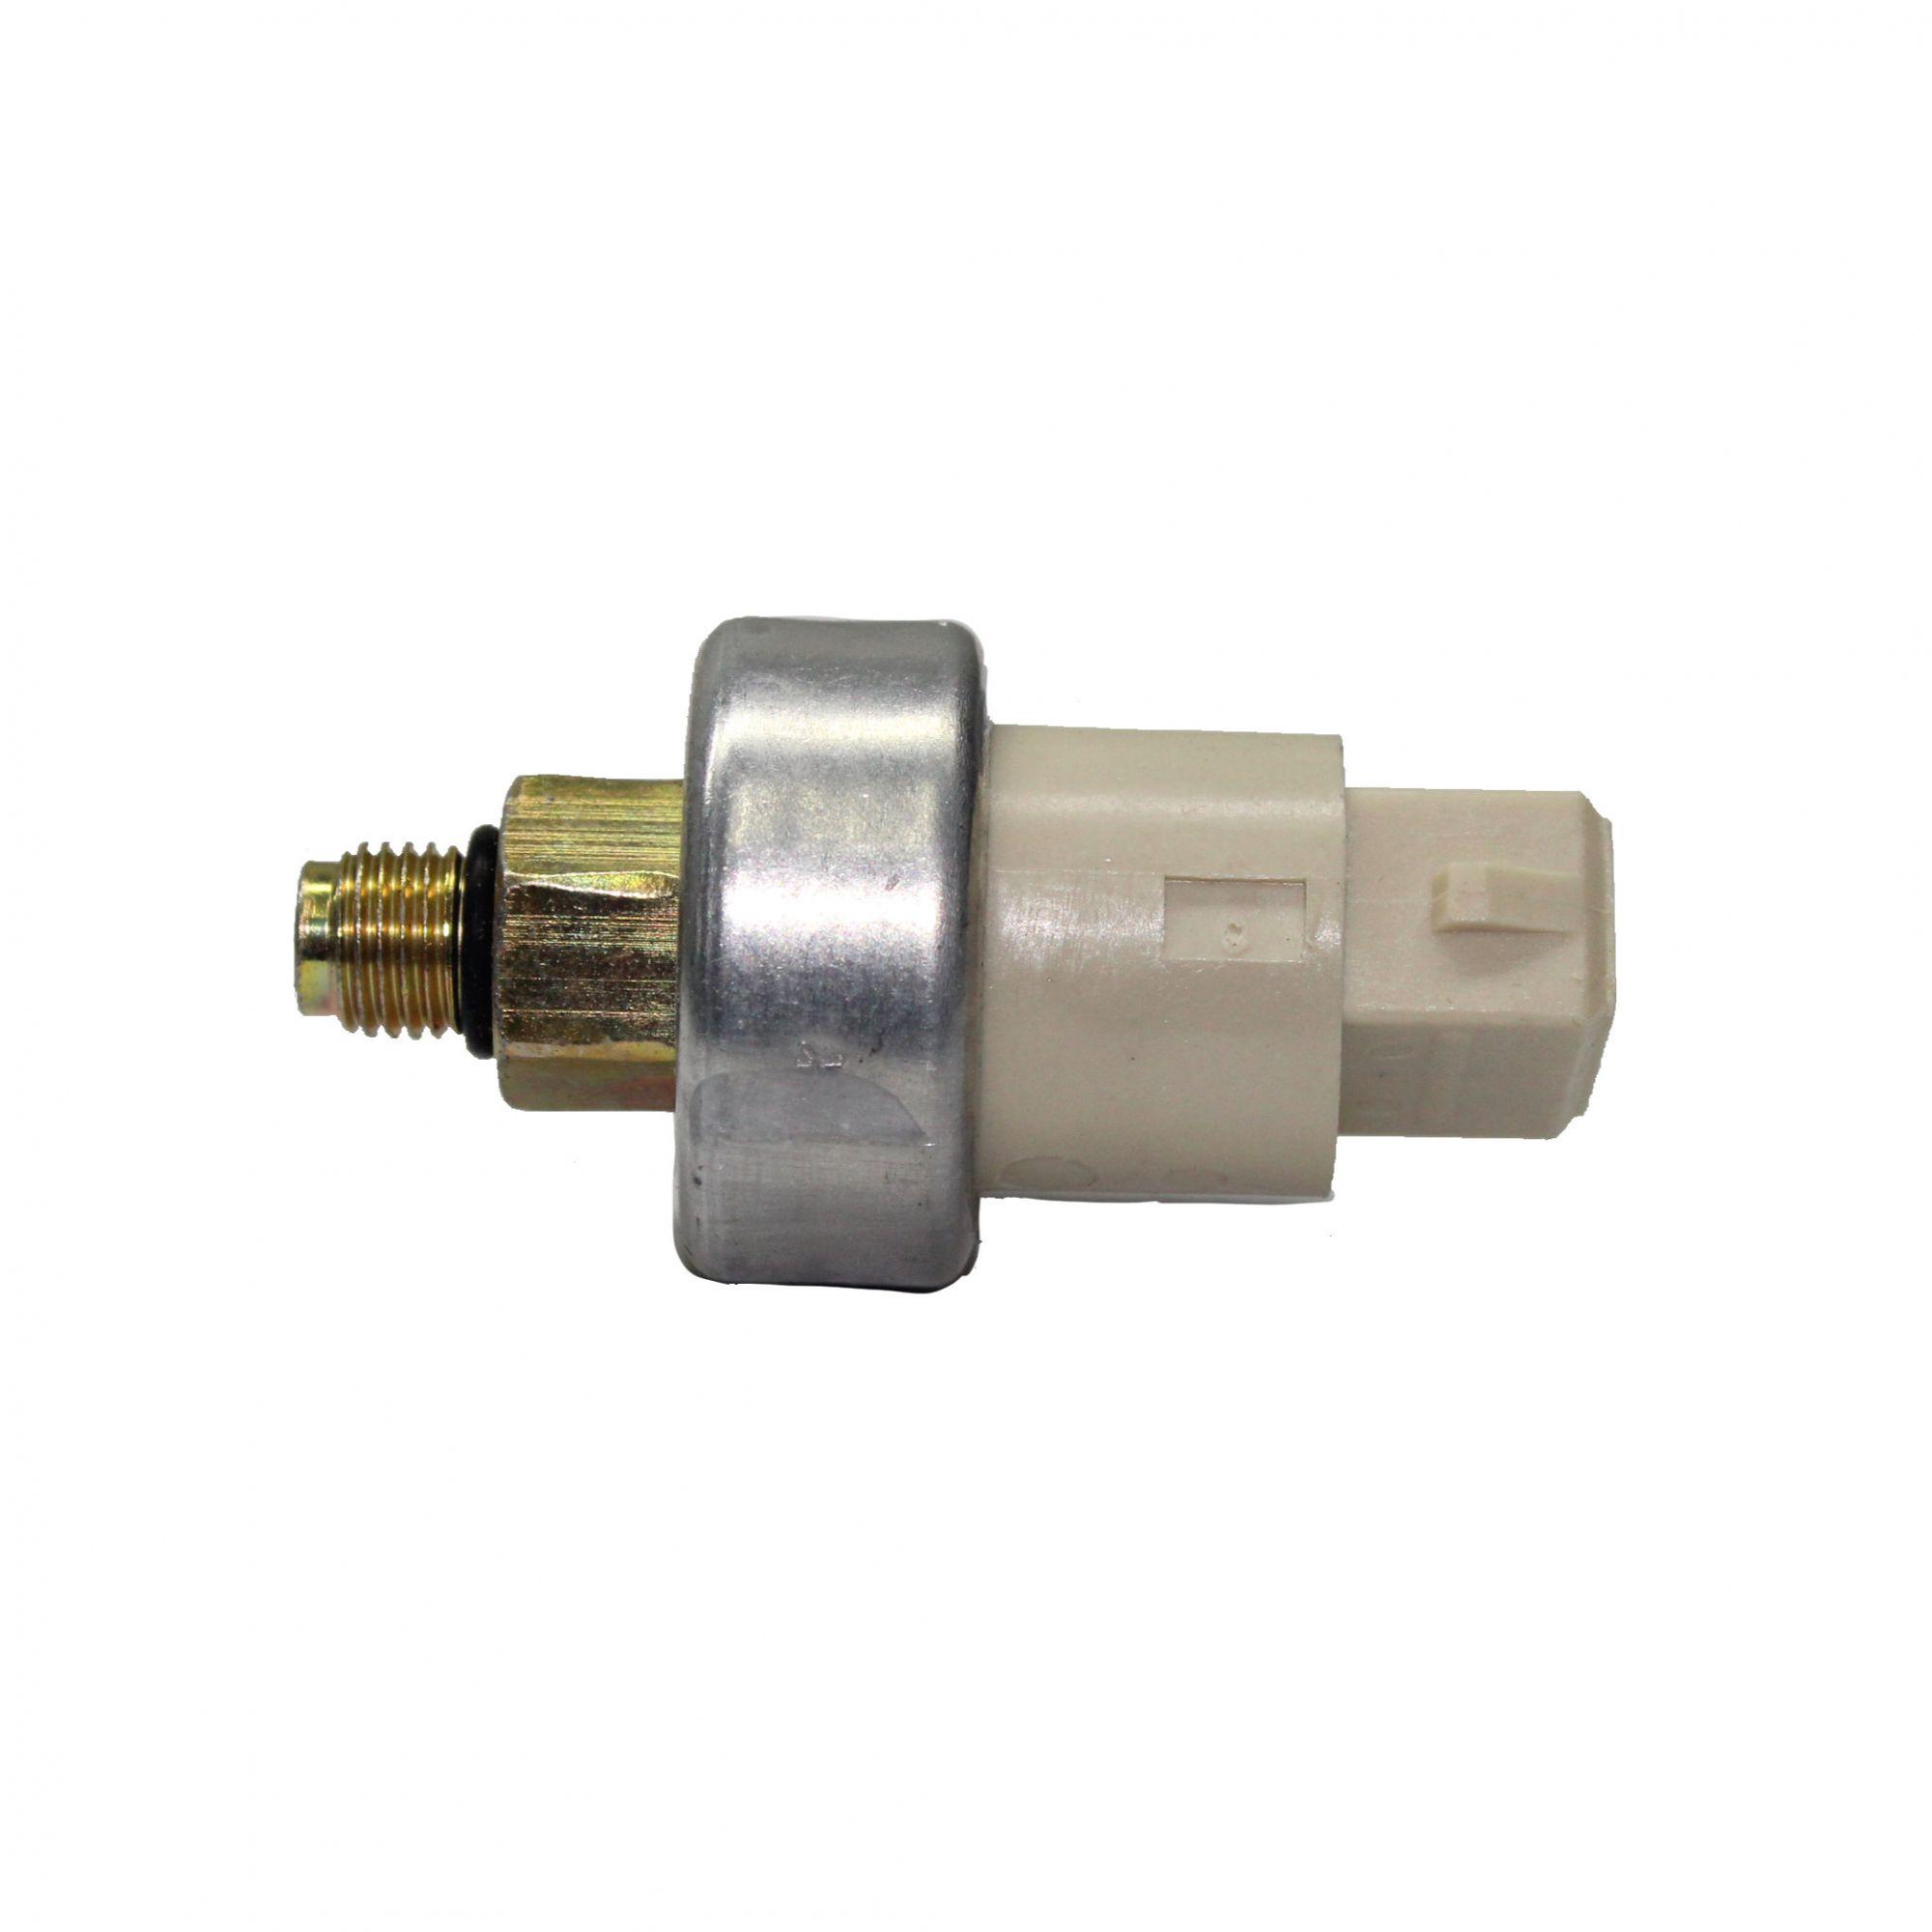 Sensor Direção Hidráulica Ford Gol, Saveiro, Santana, Fiesta, Ecosport, Escort - 96FP3N824BA